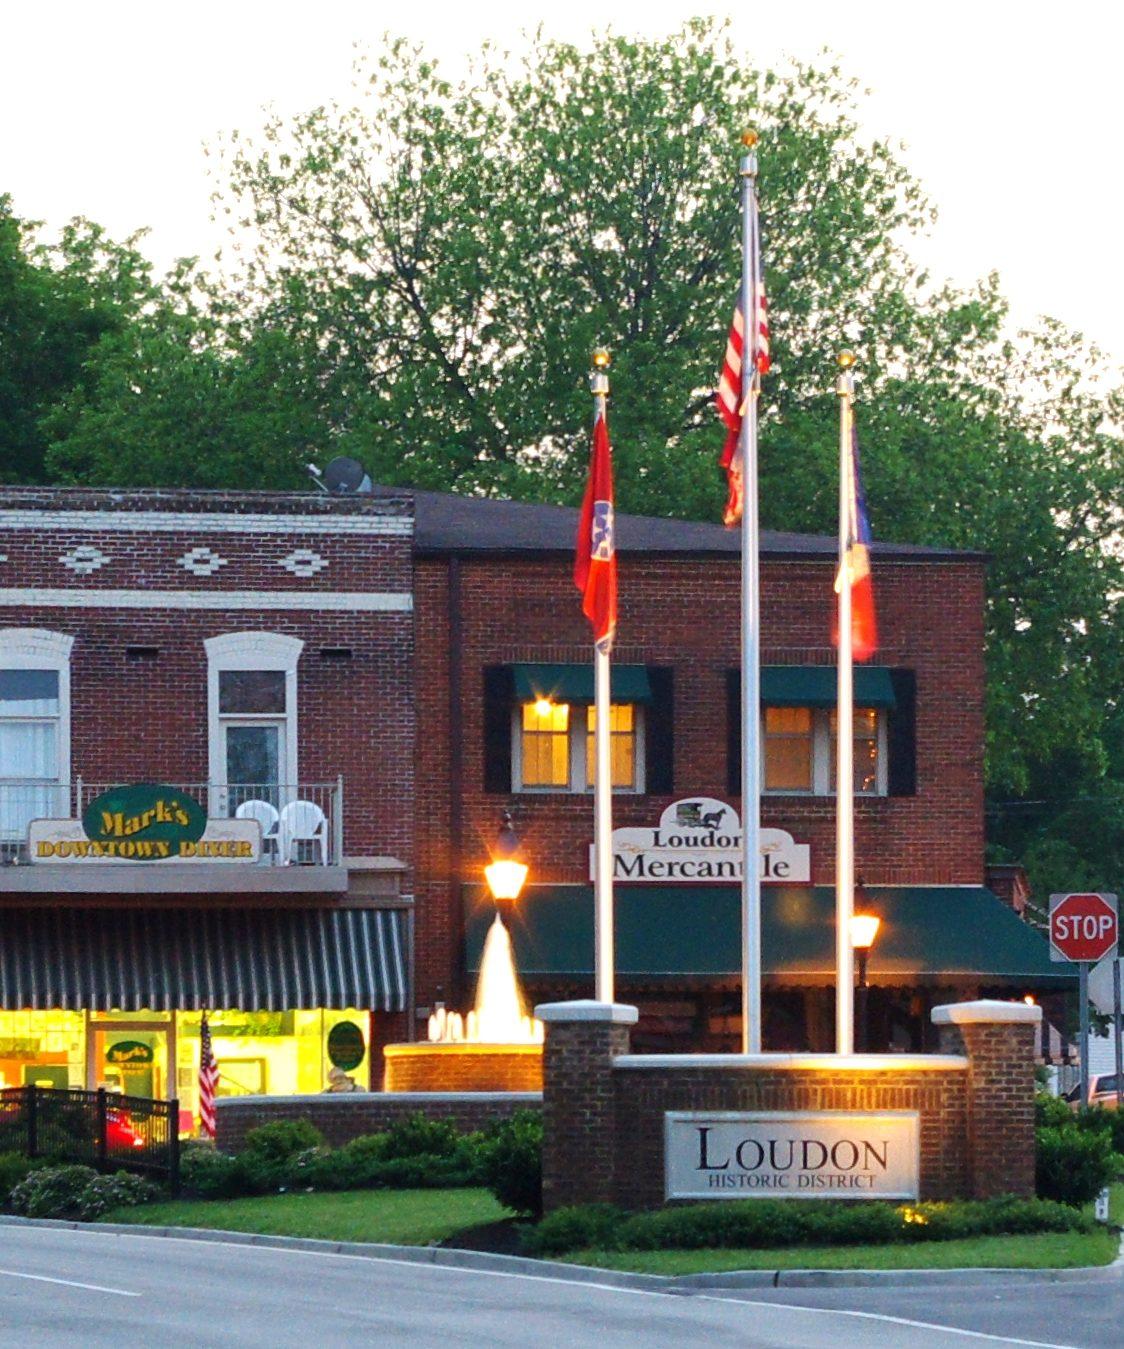 Loudon main street